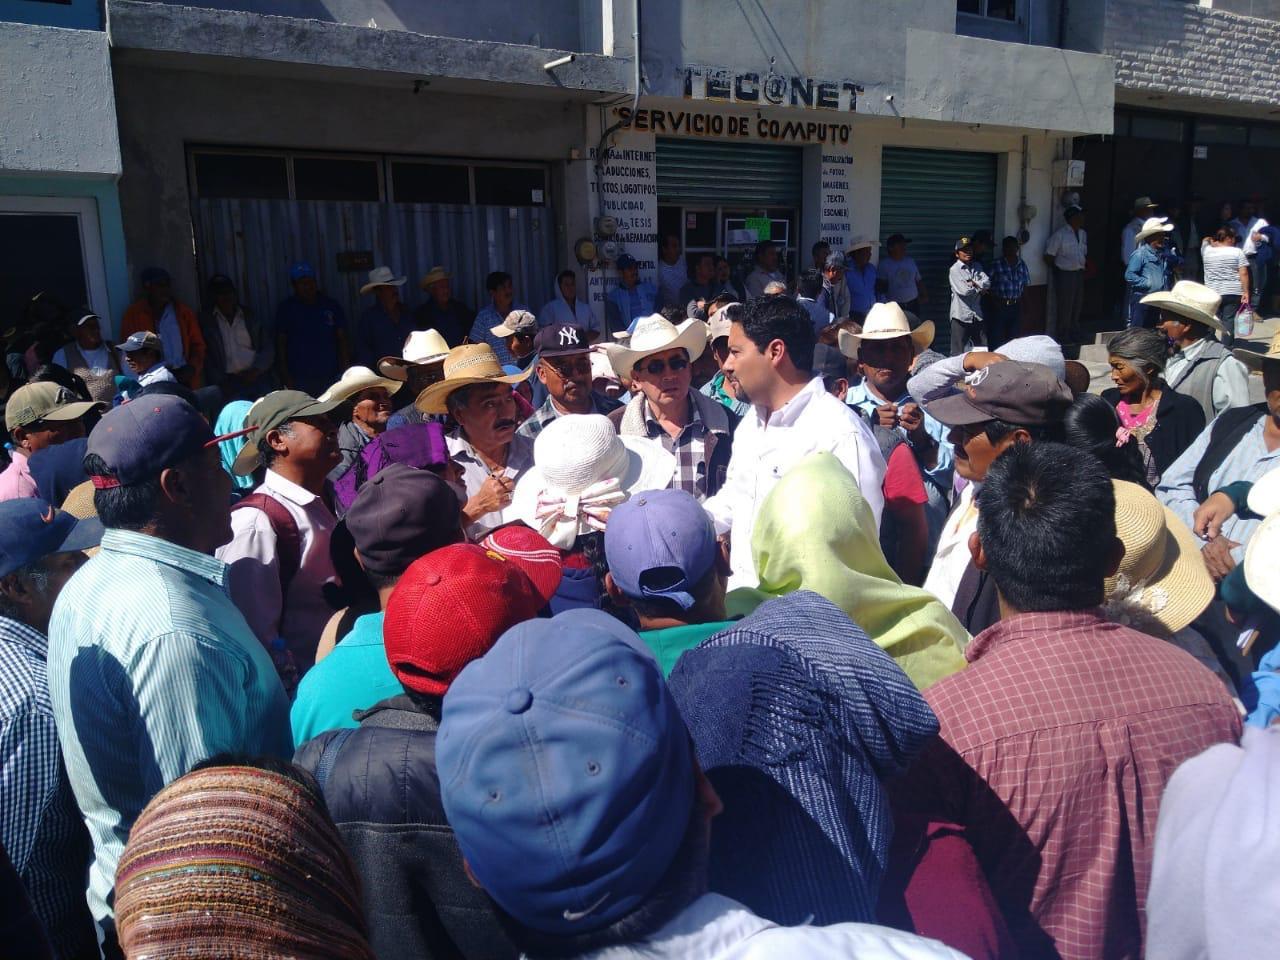 Engañan a campesinos de Tlacotepec, según les darían recursos